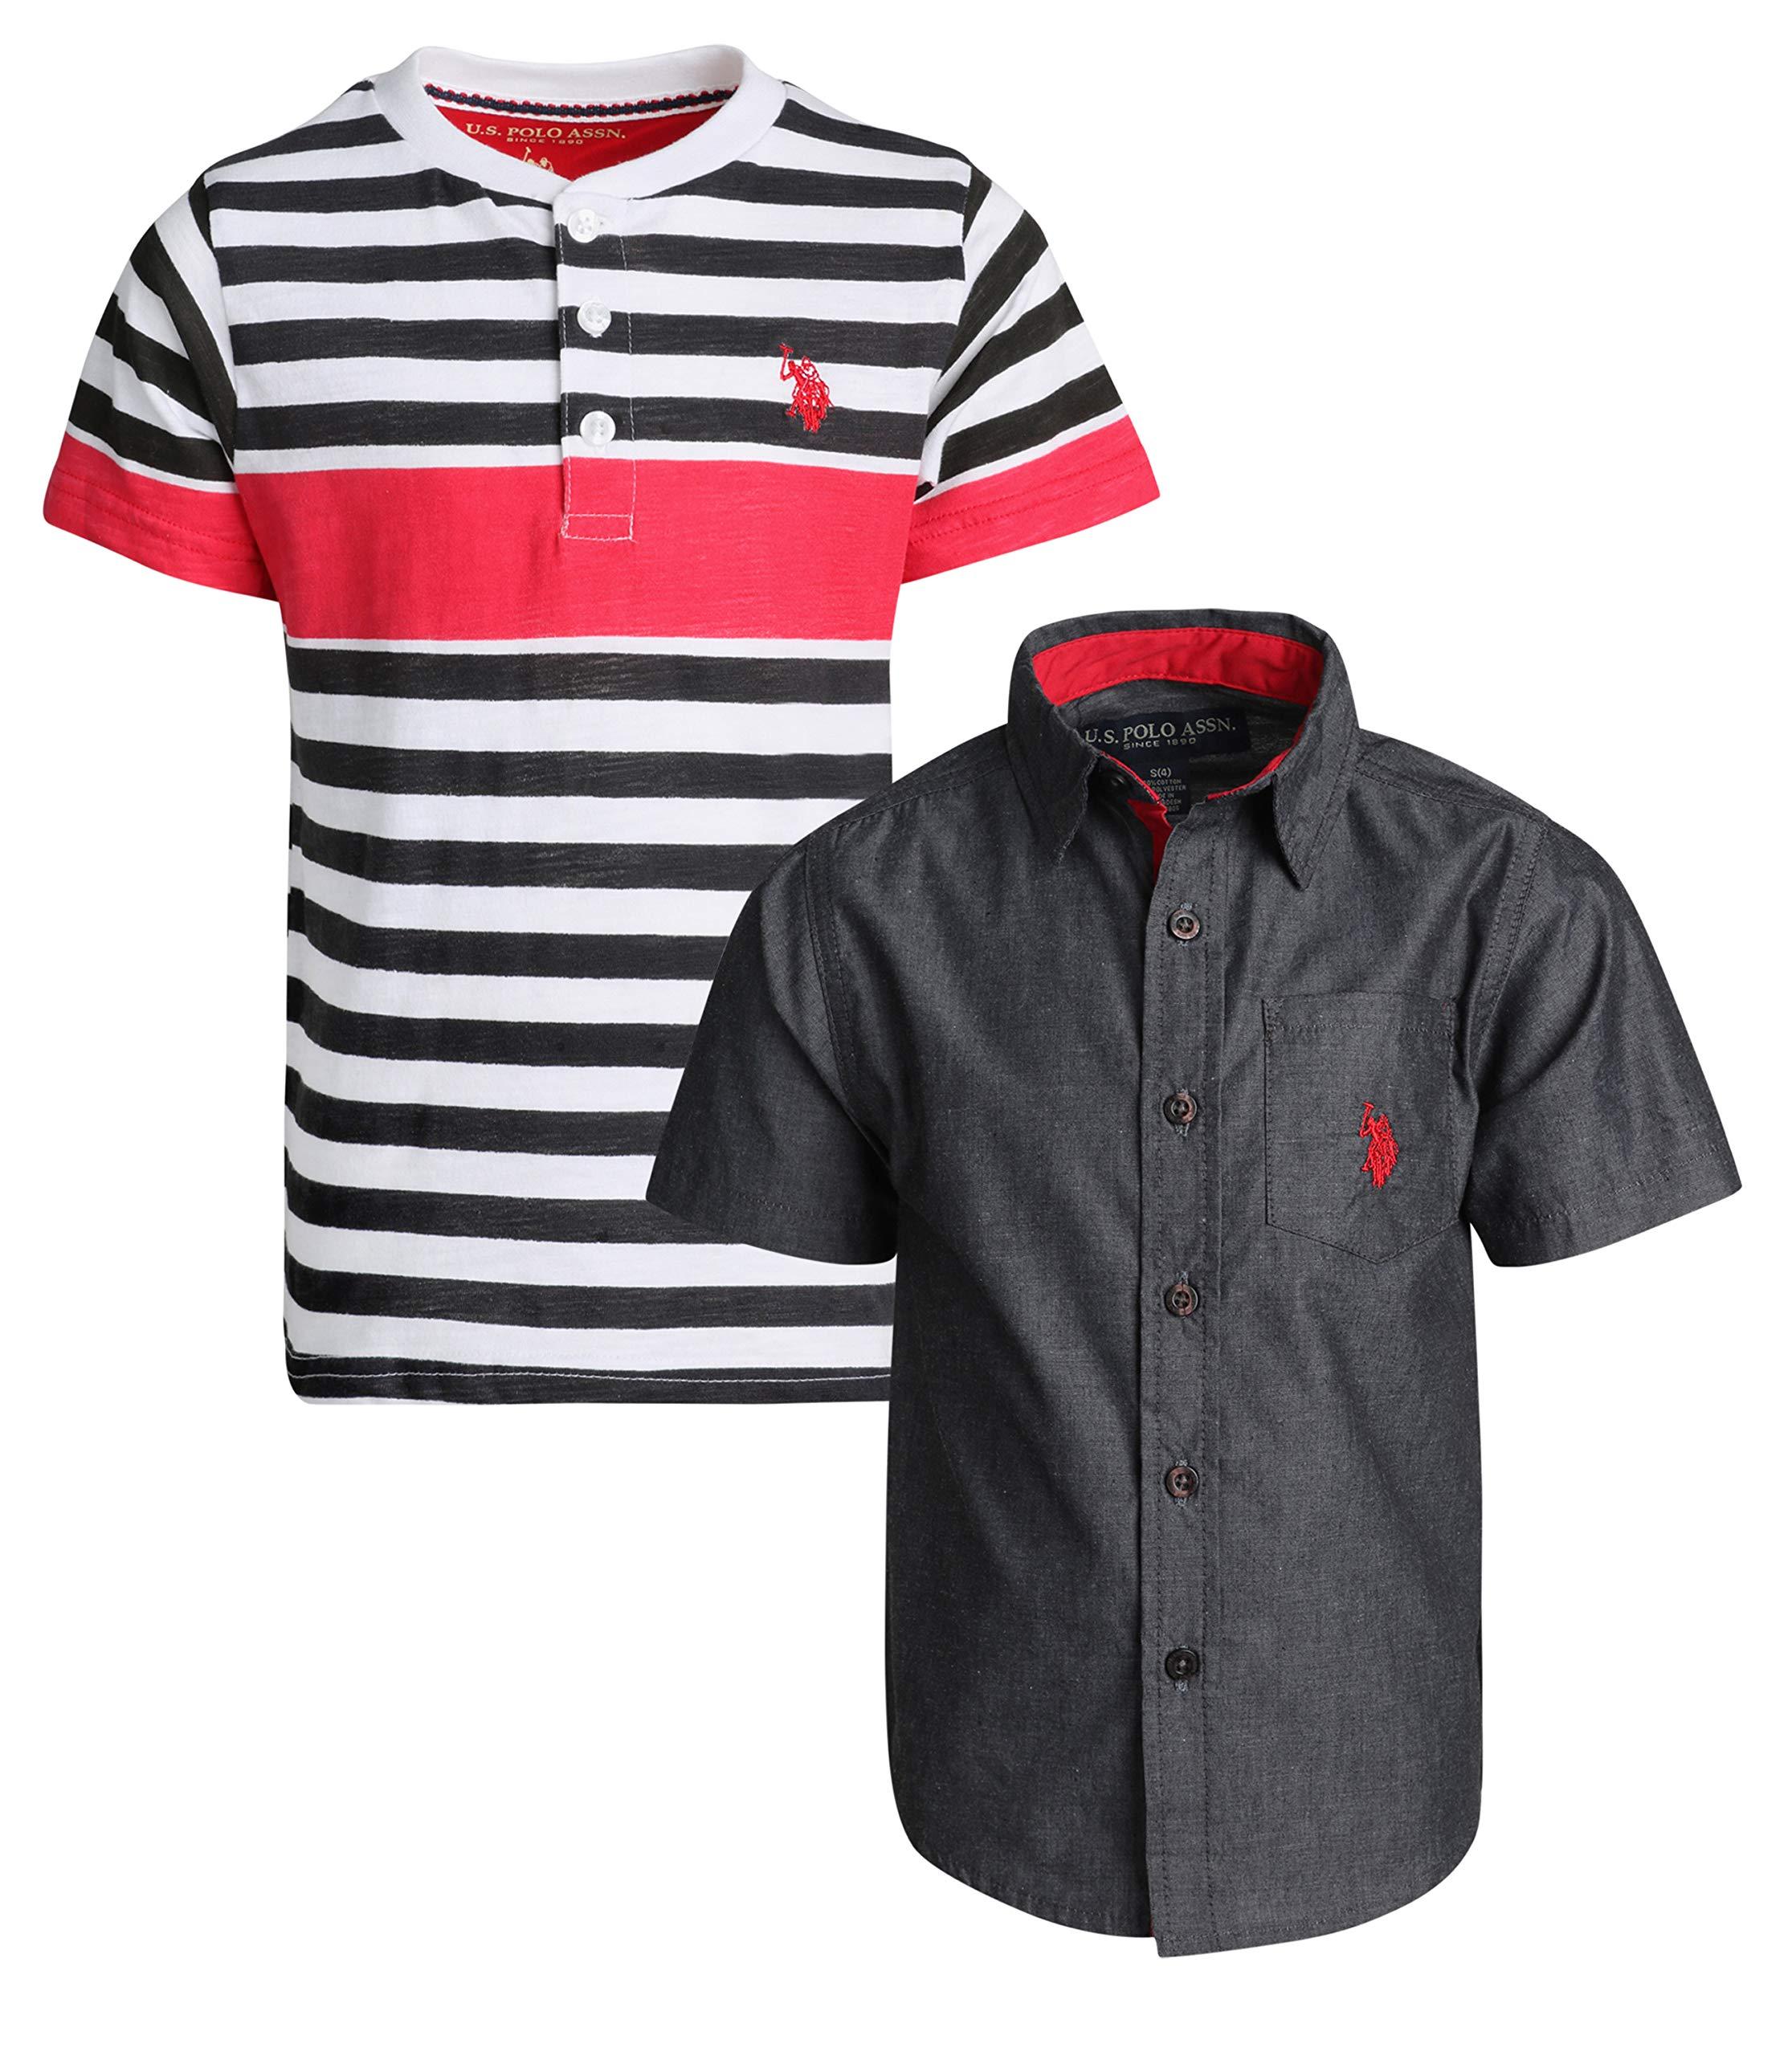 U.S. Polo Assn. Boy's Short Sleeve Button Down Shirt 2 Piece Set (Black/Red, 14/16)'